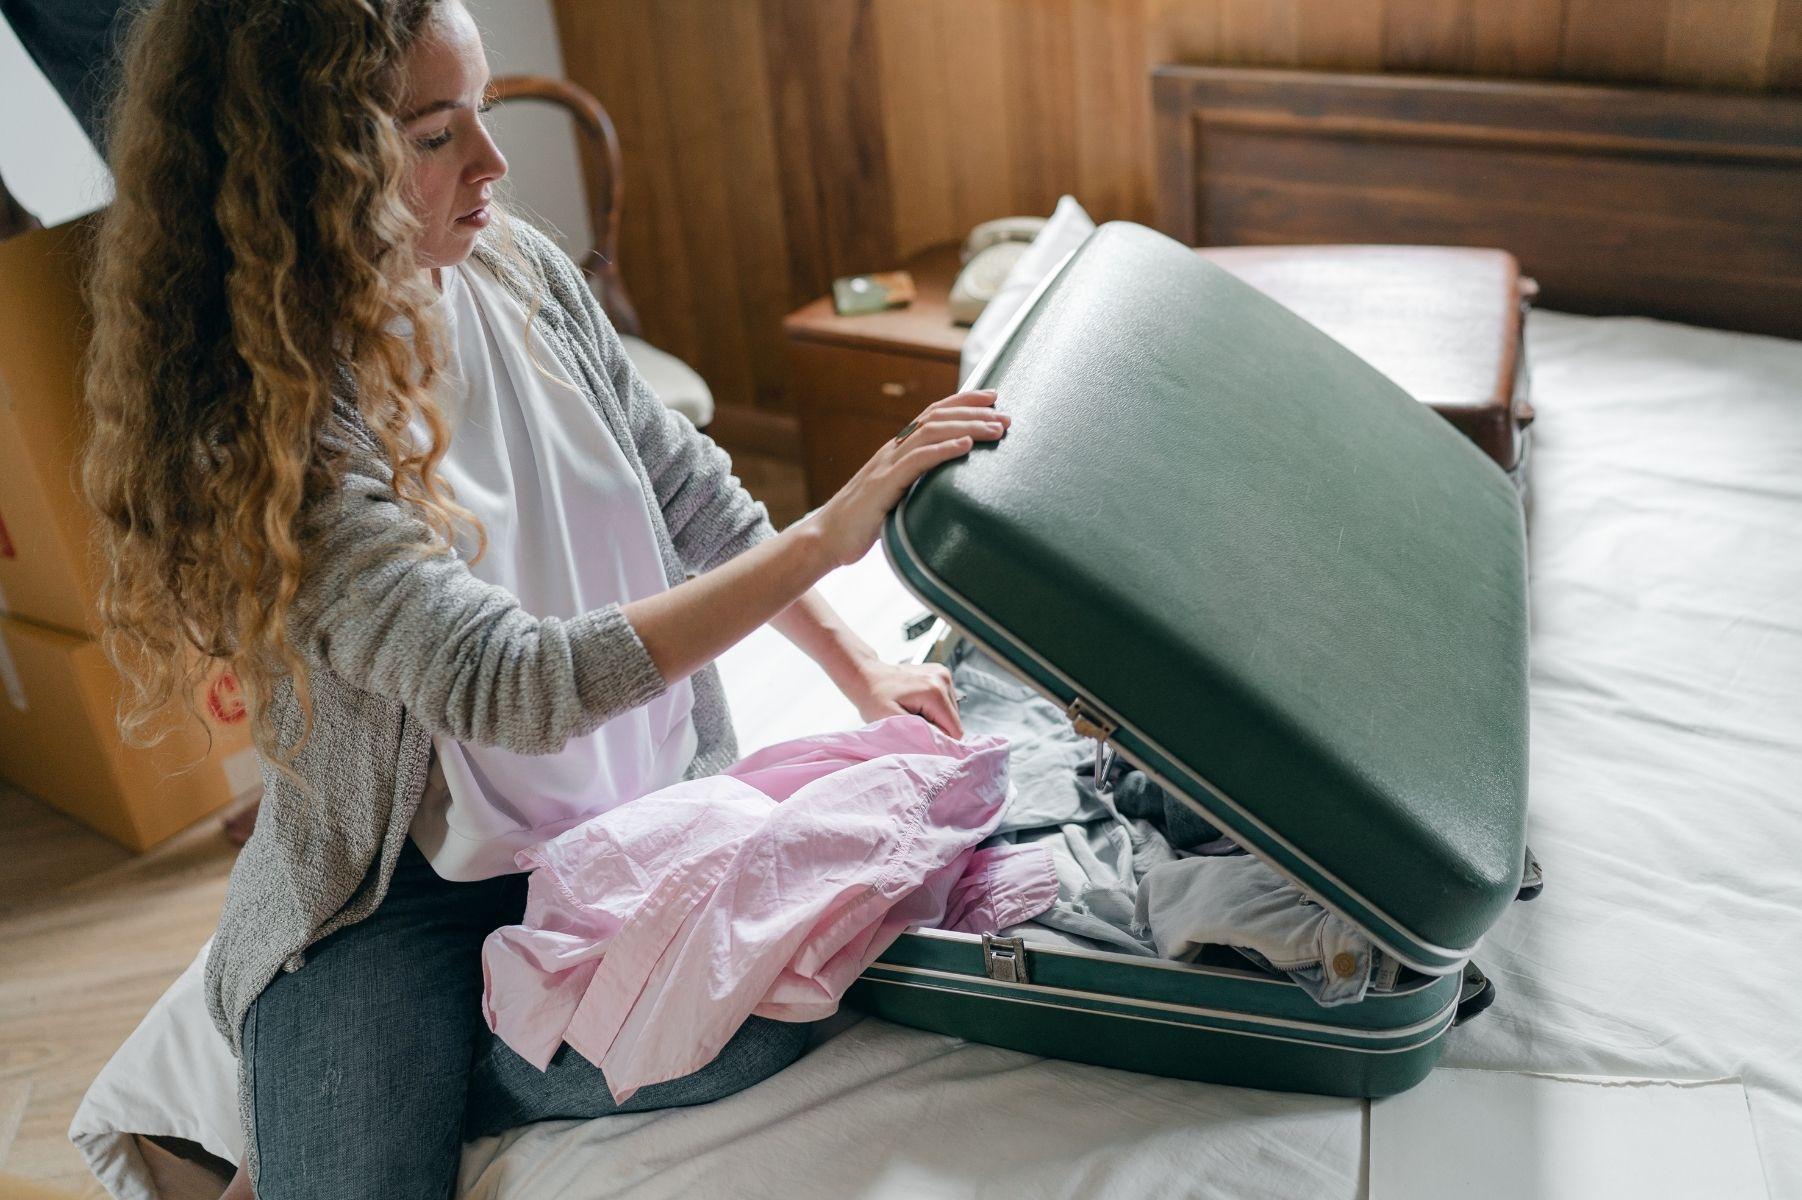 arrumando a mala de forma compacta